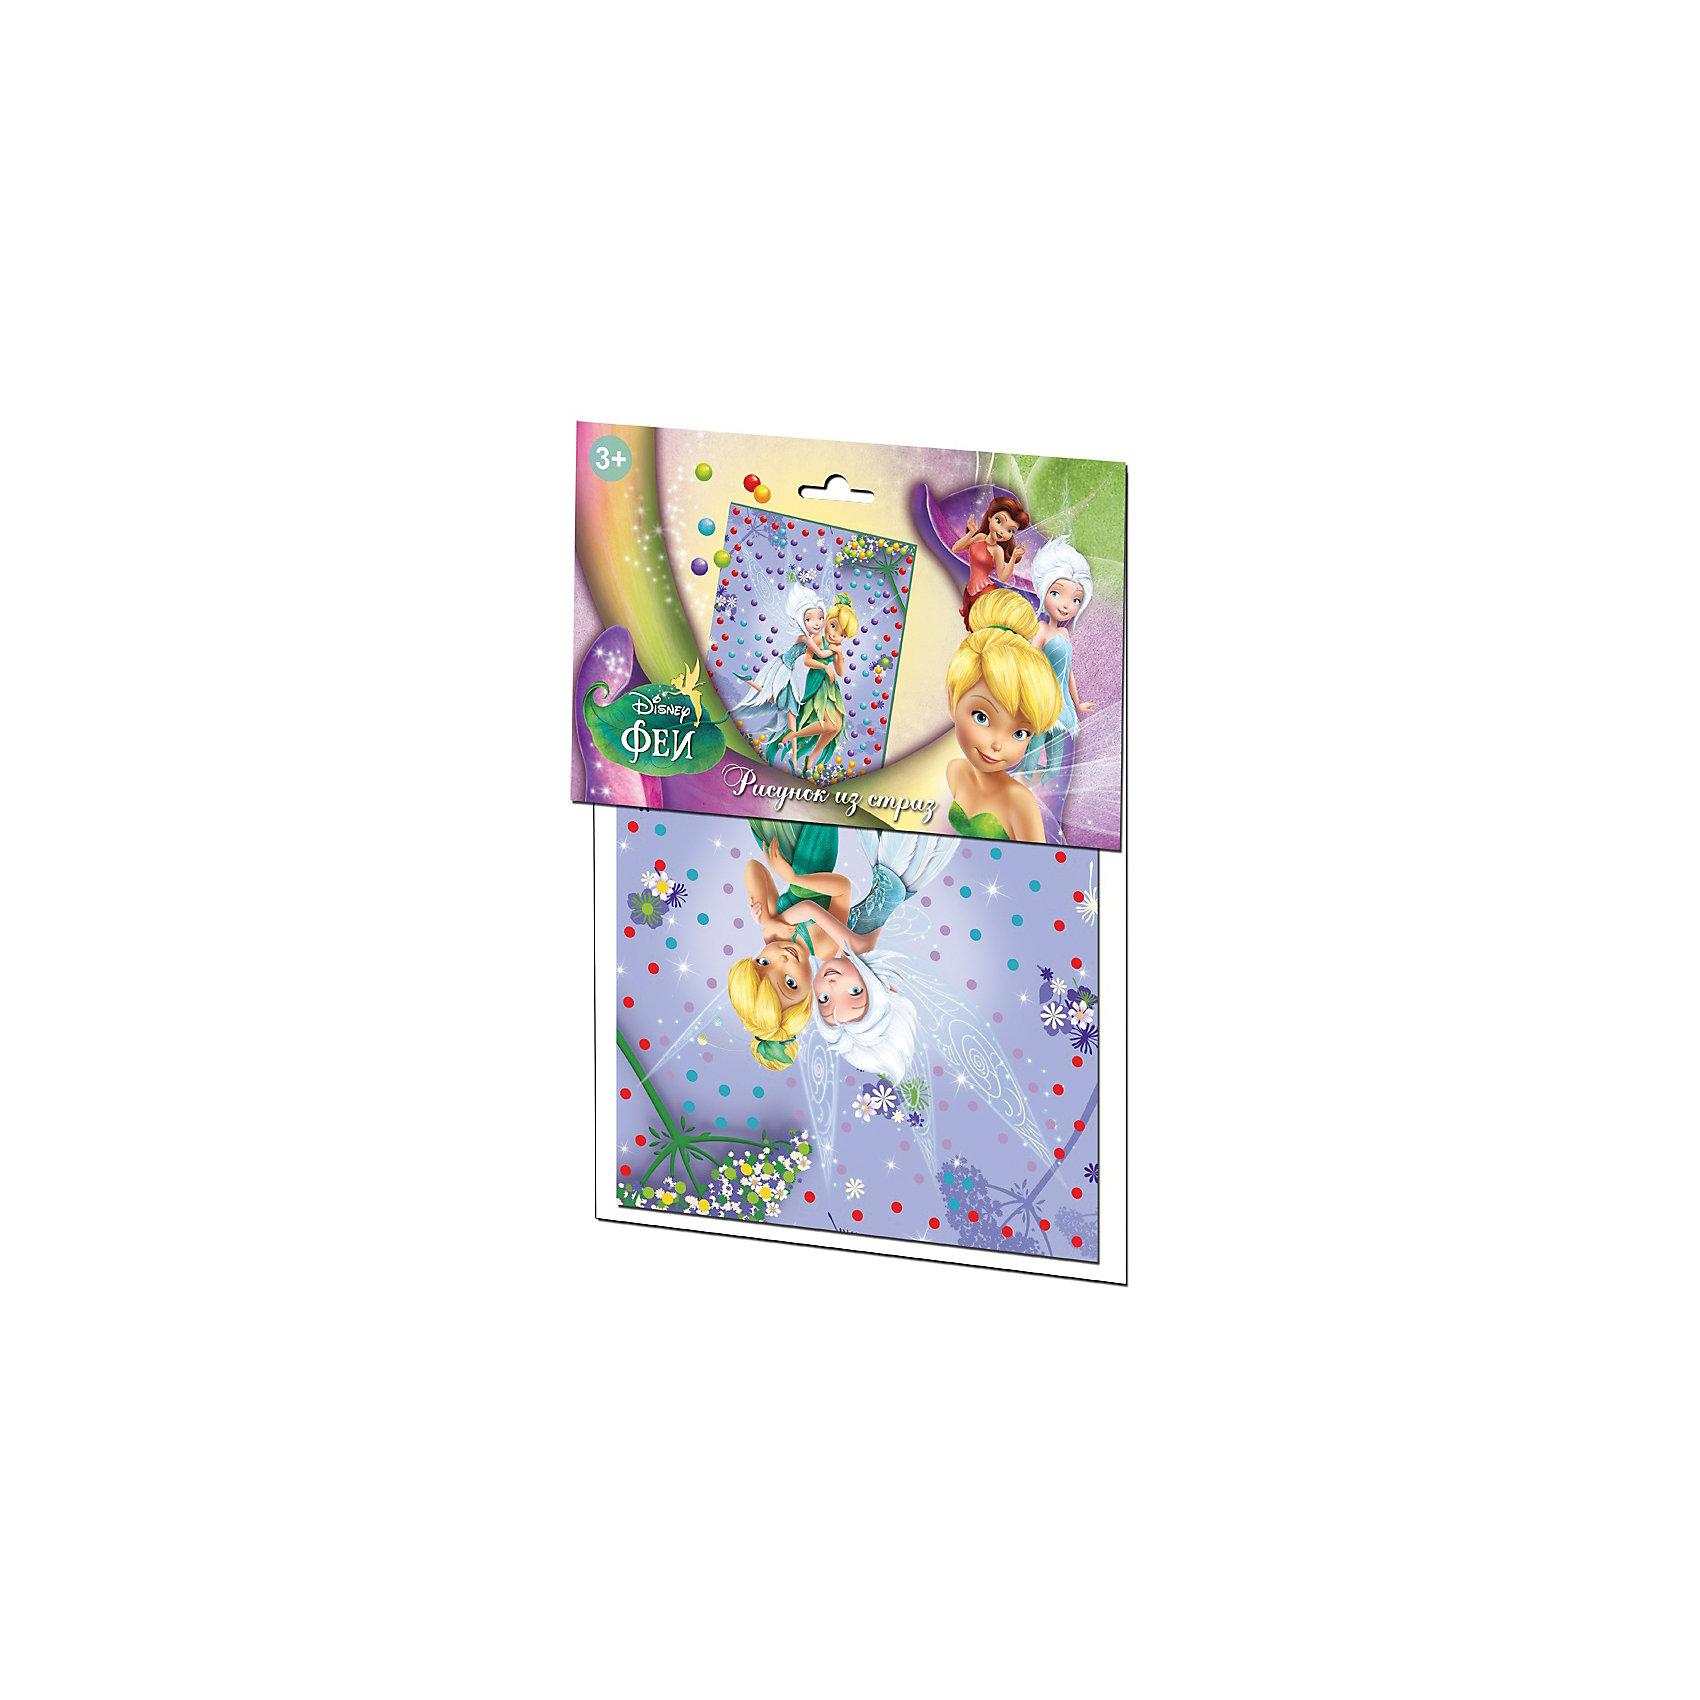 Набор для творчества Феи, Десятое королевствоМозаика<br>Набор для творчества Феи, Десятое королевство<br><br>Характеристики:<br><br>• Возраст: от 3 лет<br>• В комплекте: блок самоклеющихся страз, картонная основа с рисунком<br>• Количество цветов: 5<br>• Размер основы: 250х180 мм<br>• Количество страз: 182шт<br><br>Этот набор позволит ребенку получить яркую и красивую картинку, которая может стать украшением комнаты или хорошим подарком для близких. В процессе работы с набором необходимо украсить предложенный рисунок яркими пайетками и стразами, из чего в итоге получается яркая и красочная аппликация. В наборе содержится все необходимое для работы. Игра с этим набором развивает мелкую моторику и усидчивость. Из-за наличия мелких деталей желательно давать ребенку игрушку под присмотром взрослых.<br><br>Набор для творчества Феи, Десятое королевство можно купить в нашем интернет-магазине.<br><br>Ширина мм: 210<br>Глубина мм: 300<br>Высота мм: 2<br>Вес г: 53<br>Возраст от месяцев: 36<br>Возраст до месяцев: 60<br>Пол: Унисекс<br>Возраст: Детский<br>SKU: 5471648